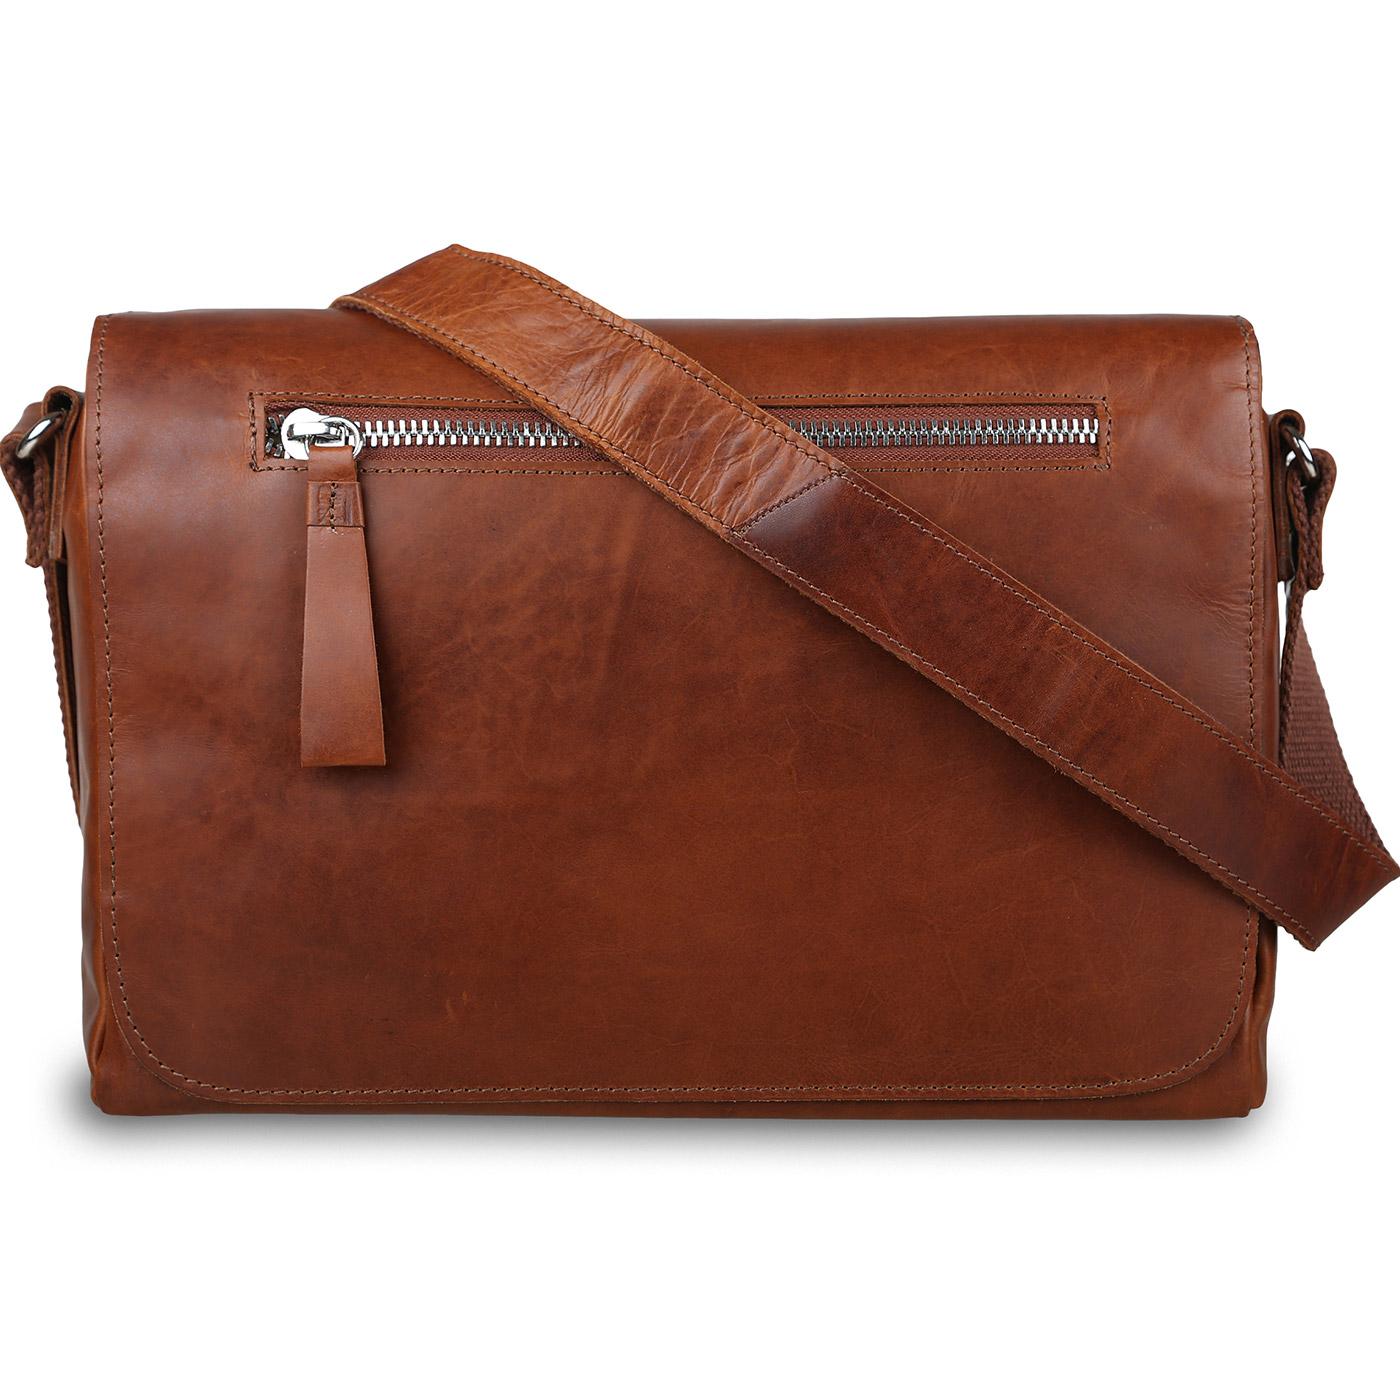 купить Сумка на плечо Ashwood Leather 1664 по цене 13960 рублей